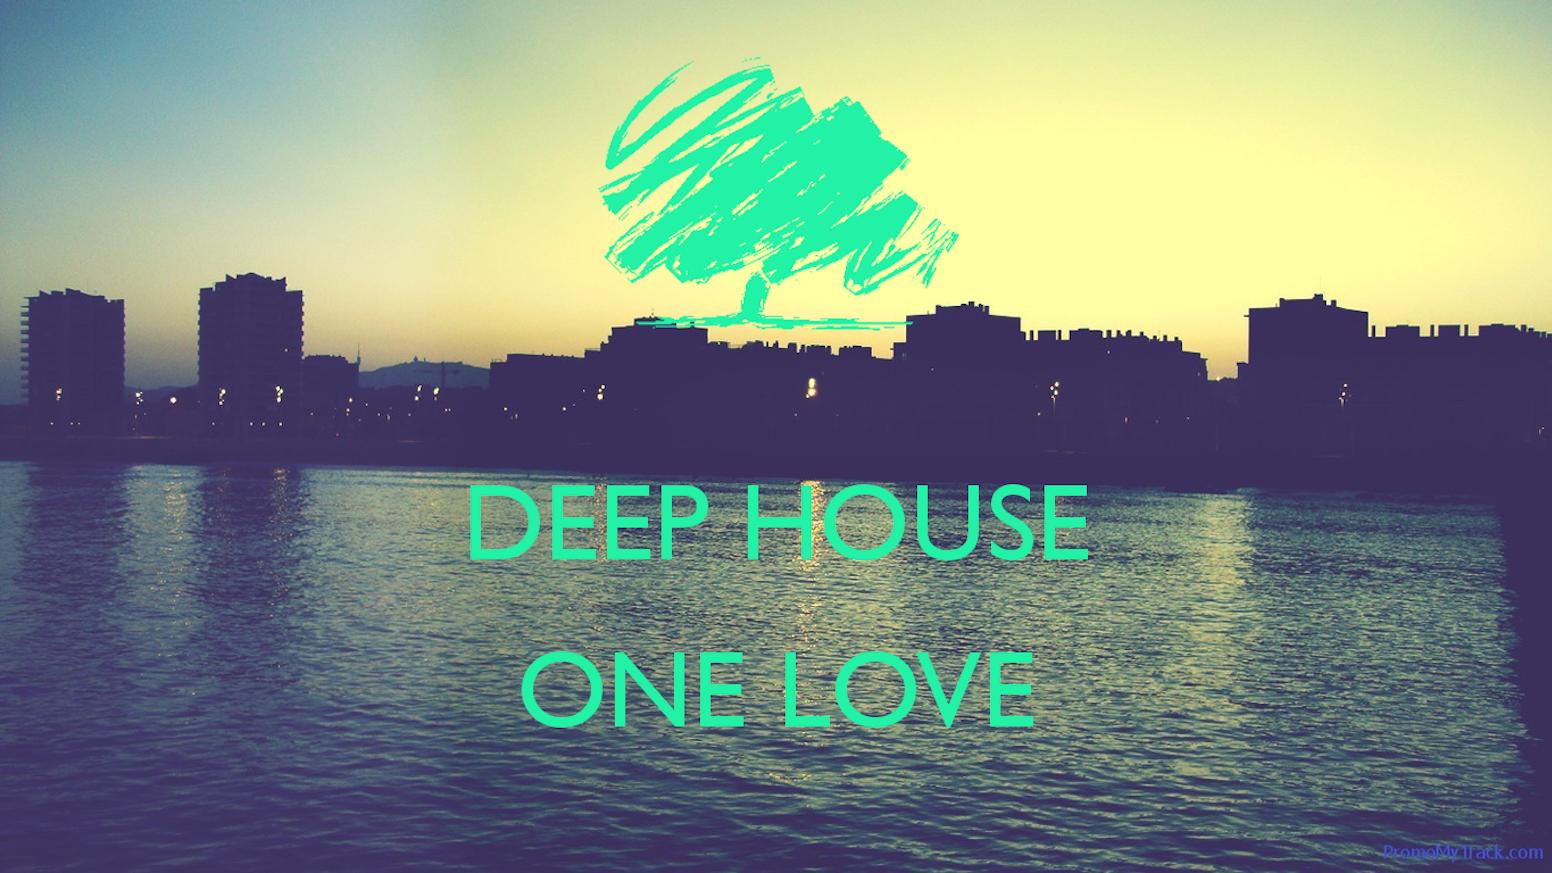 Deep house music video by stickyknucklz dj kickstarter for Deep house music charts